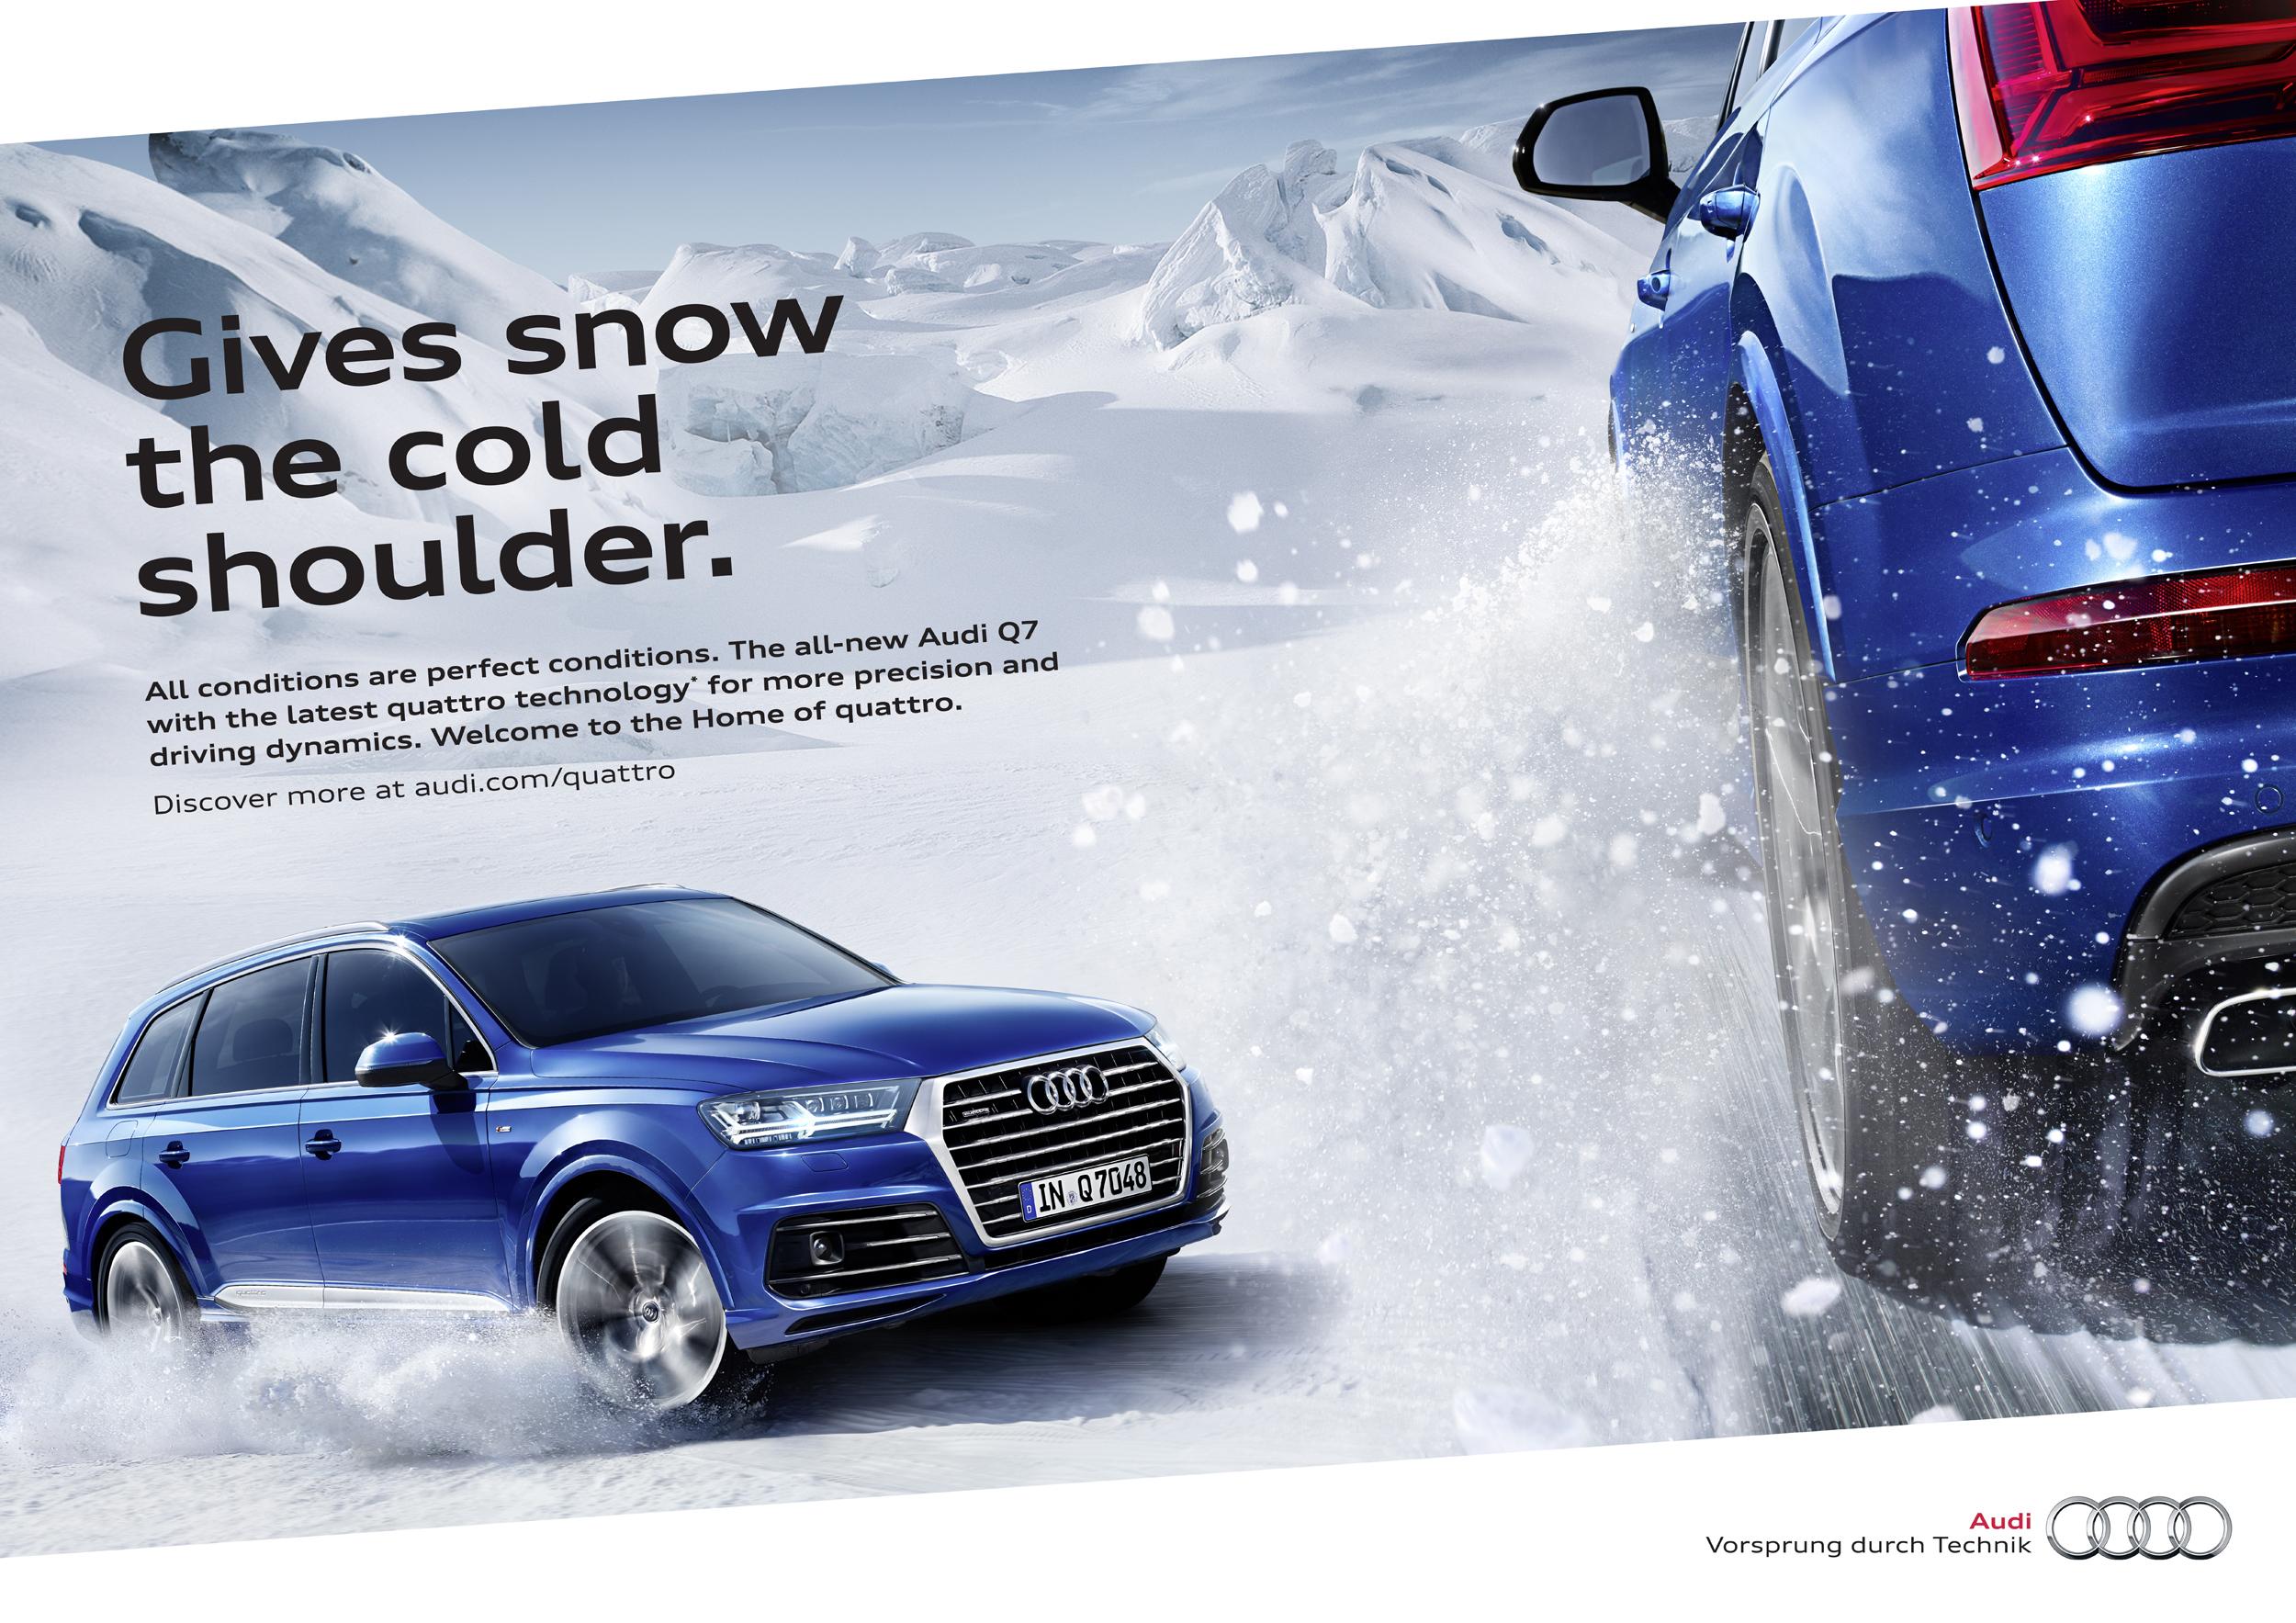 Sabrina_Mairinger_Motiv_snow